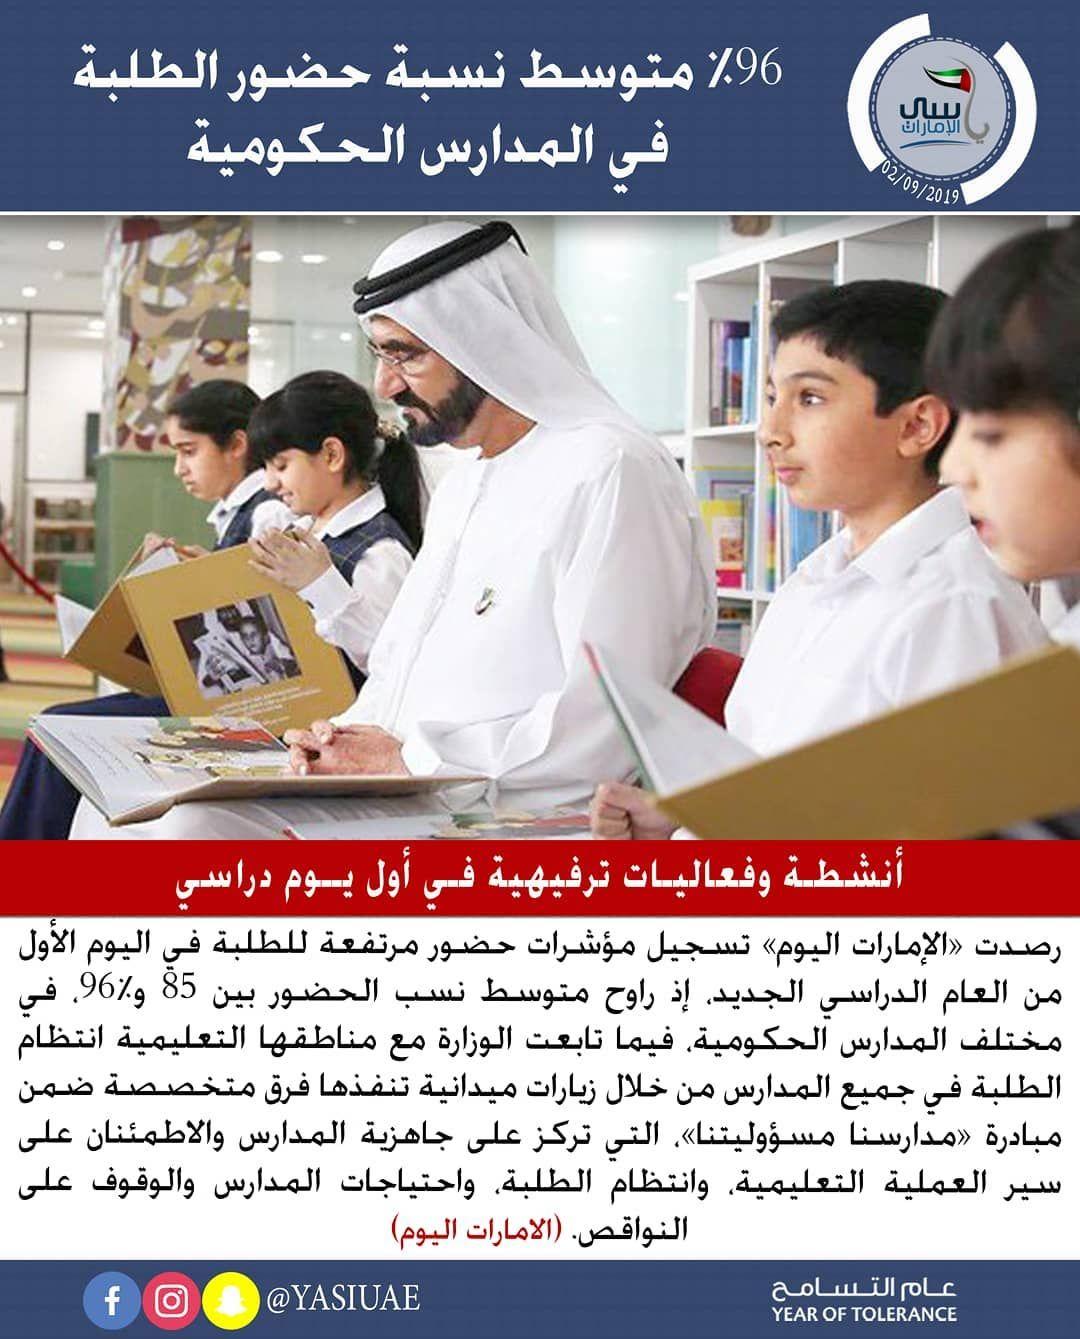 ياسي الامارات 96 متوسط نسبة حضور الطلبة في المدارس الحكومية أنشطة وفعاليات ترفيهية فـي أول يوم دراسي Chef Jackets Coat Lab Coat